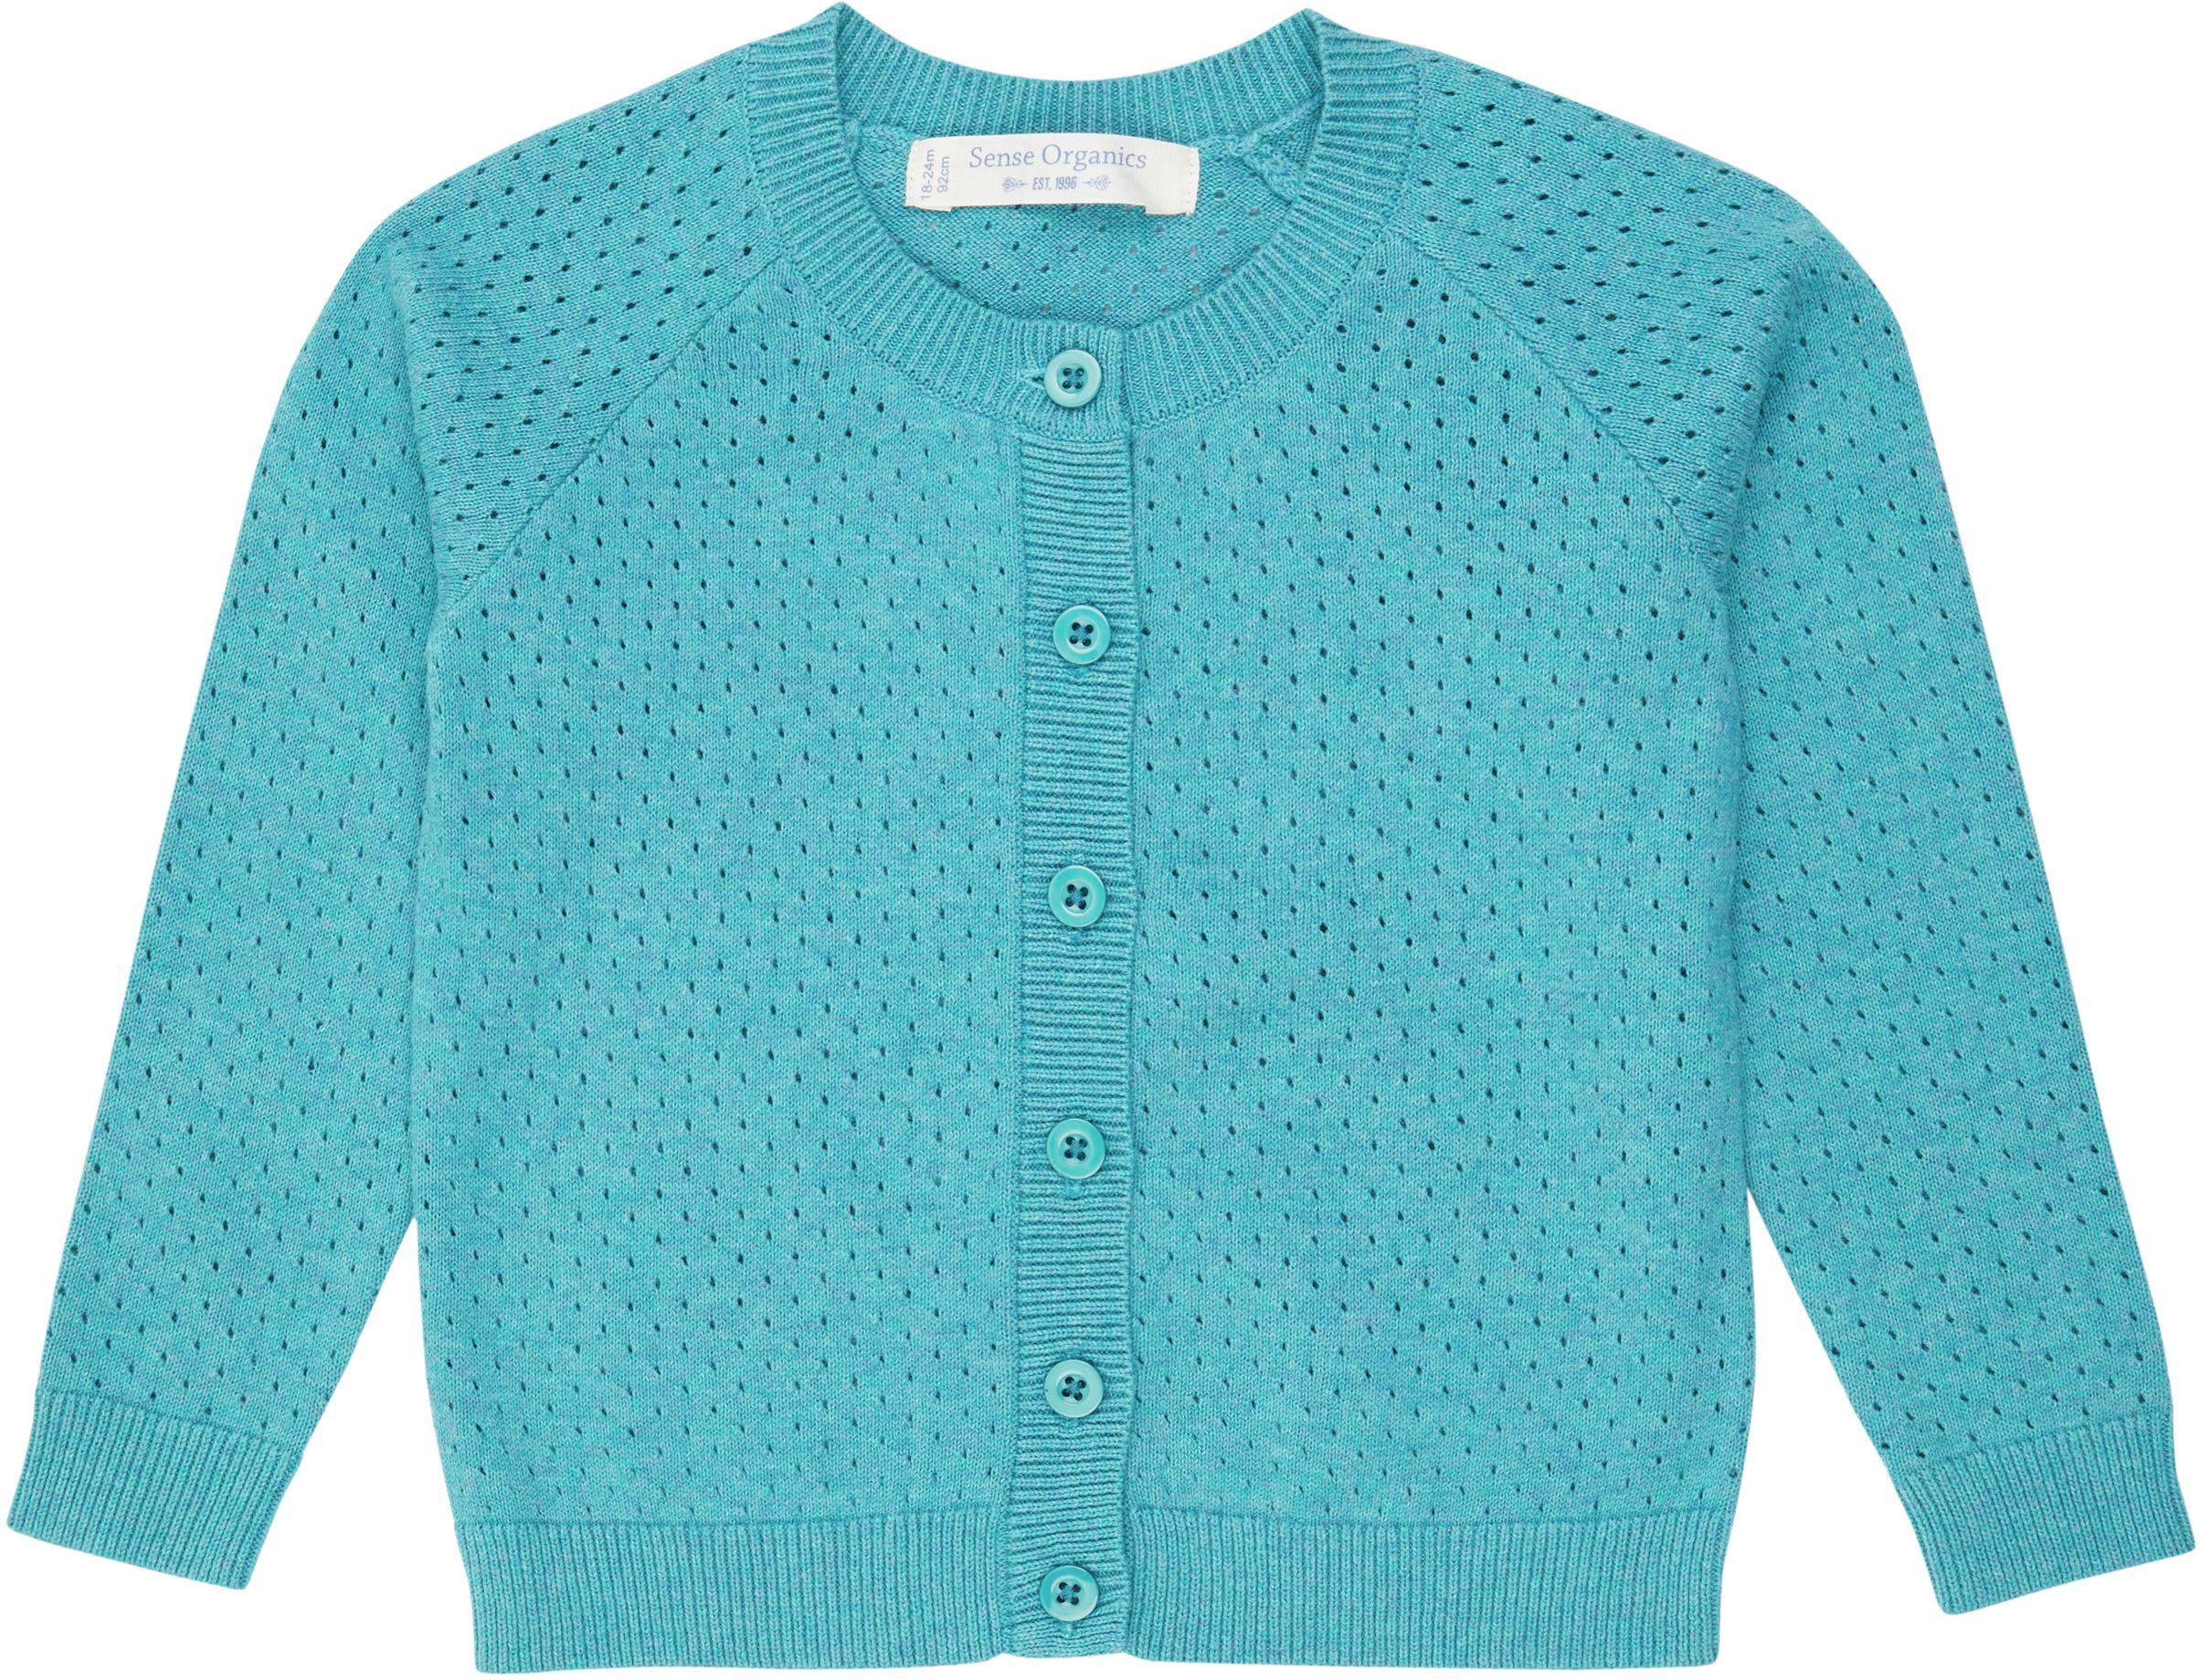 Sense Organic ELSA Knitted Cardigan Türkis